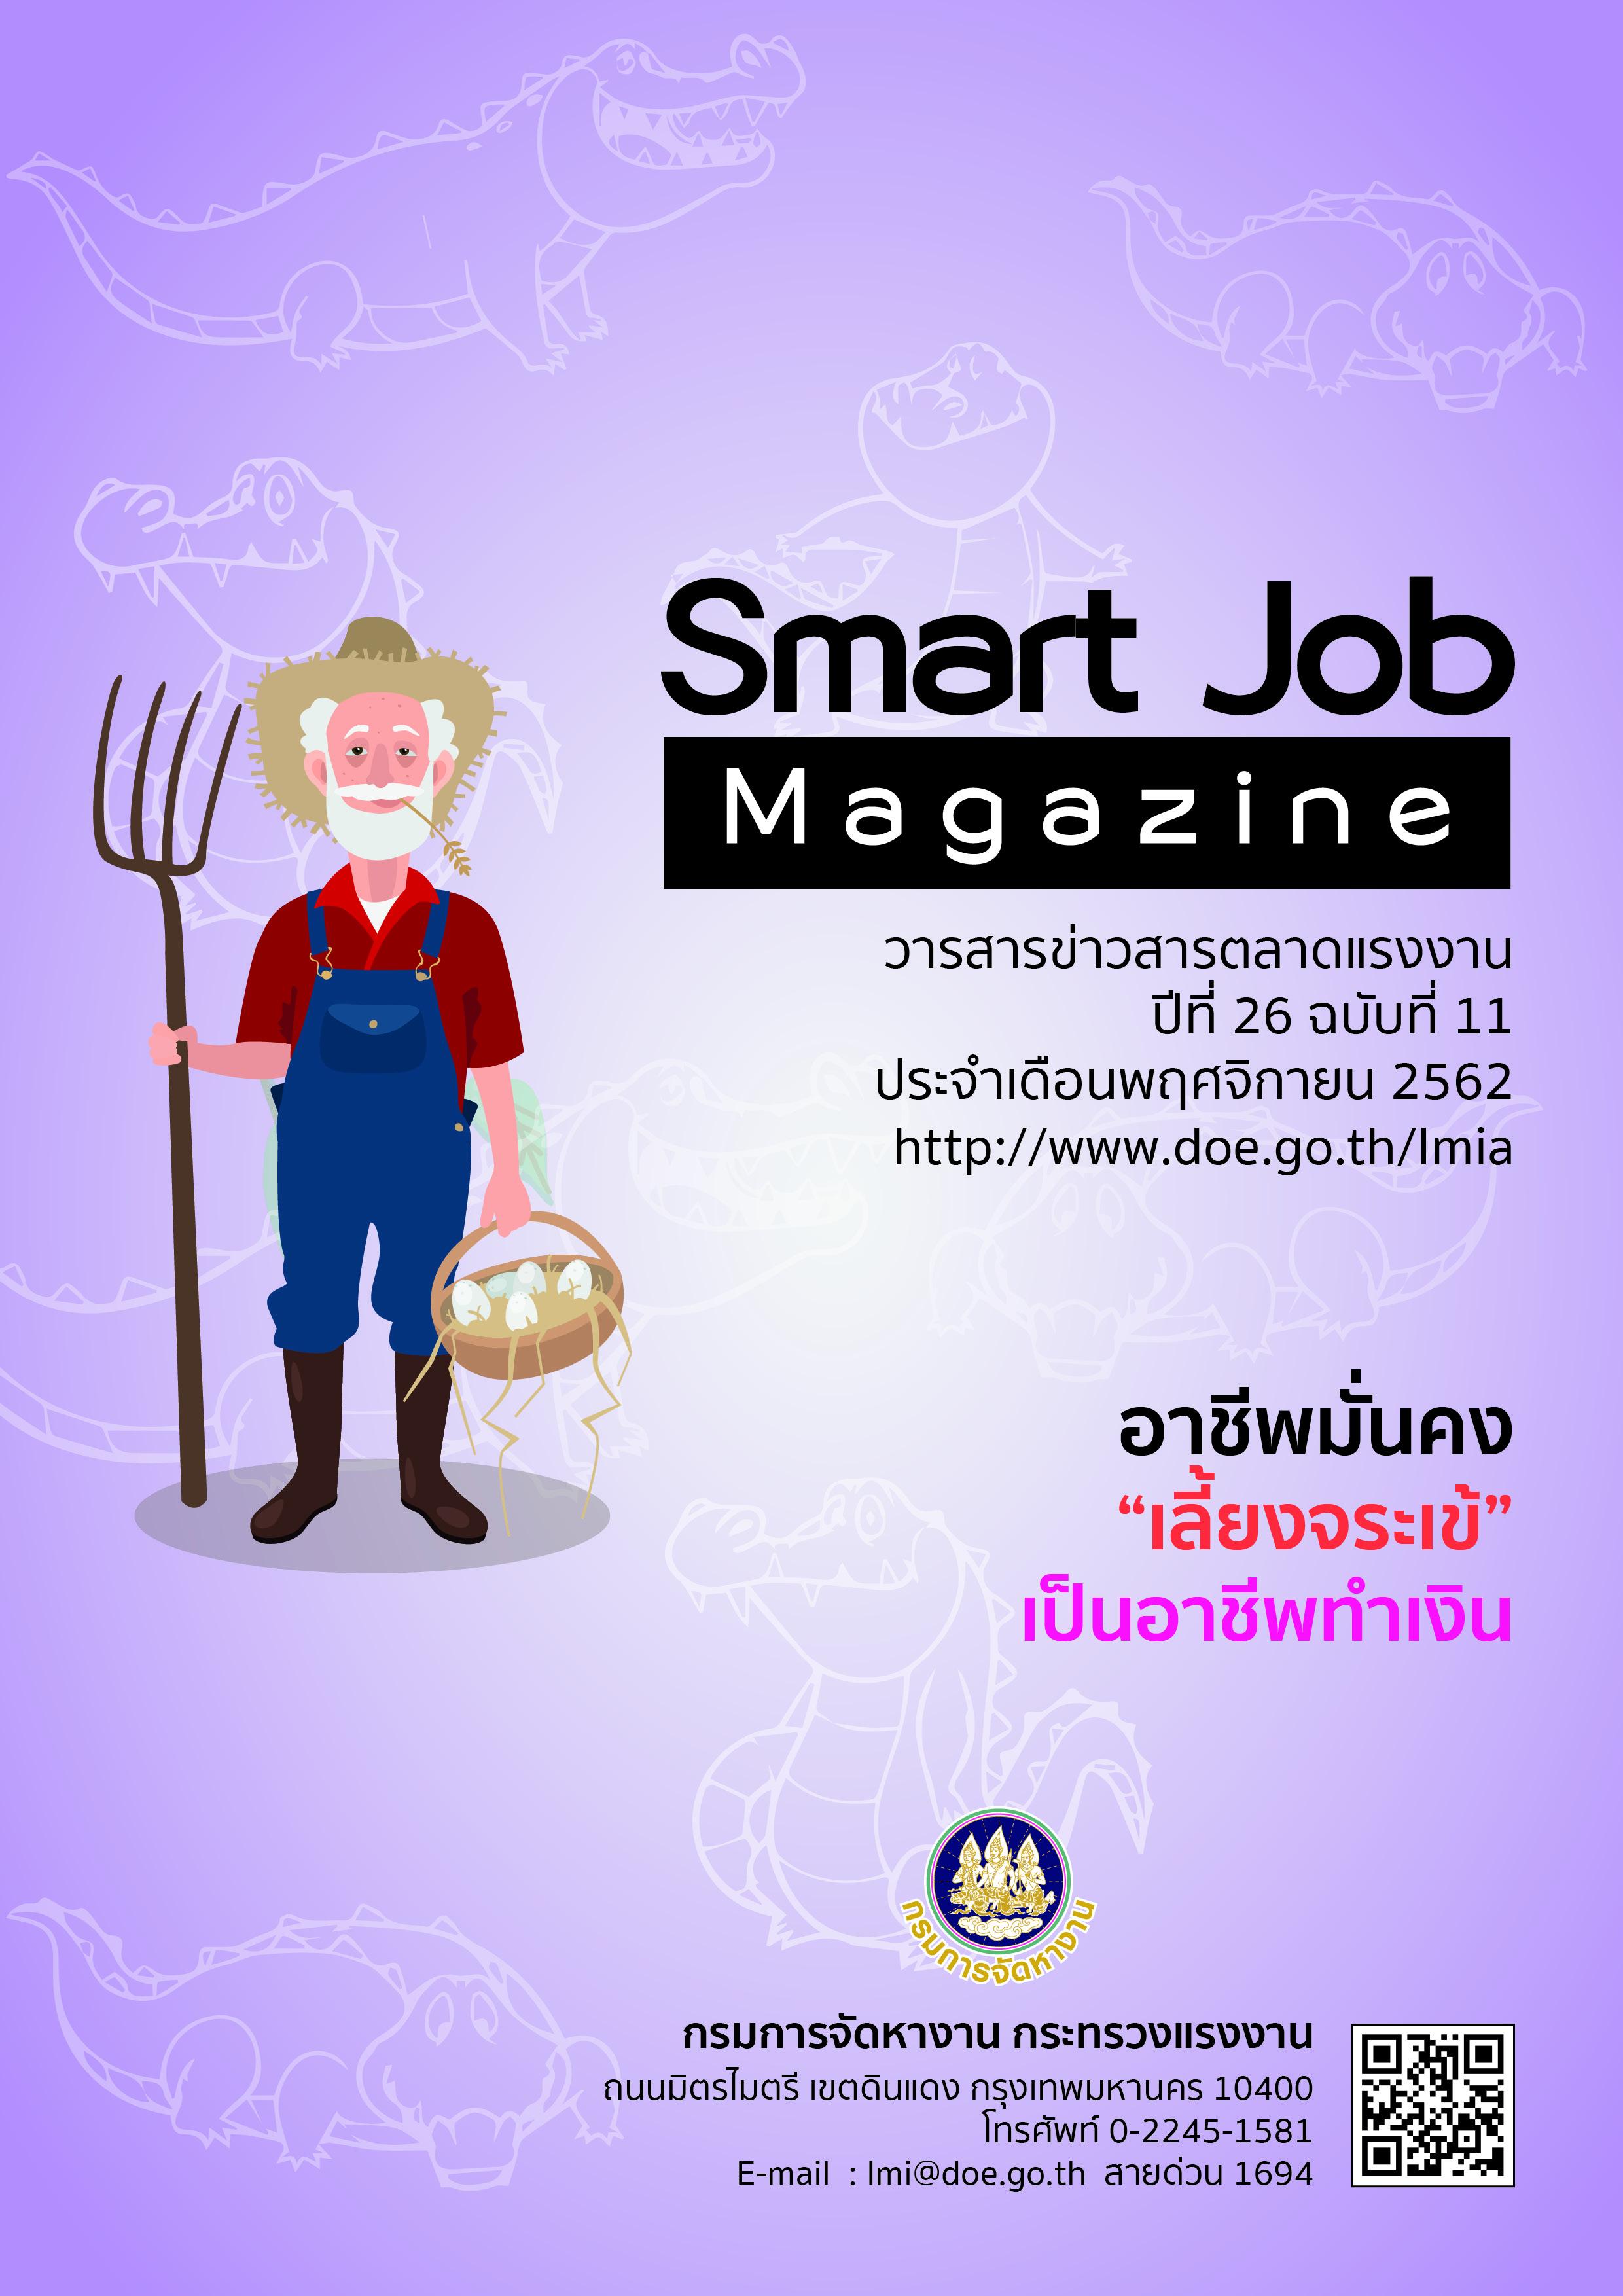 วารสารข่าวสารตลาดแรงงาน Smart Job Magazine ประจำเดือนพฤศจิกายน 2562